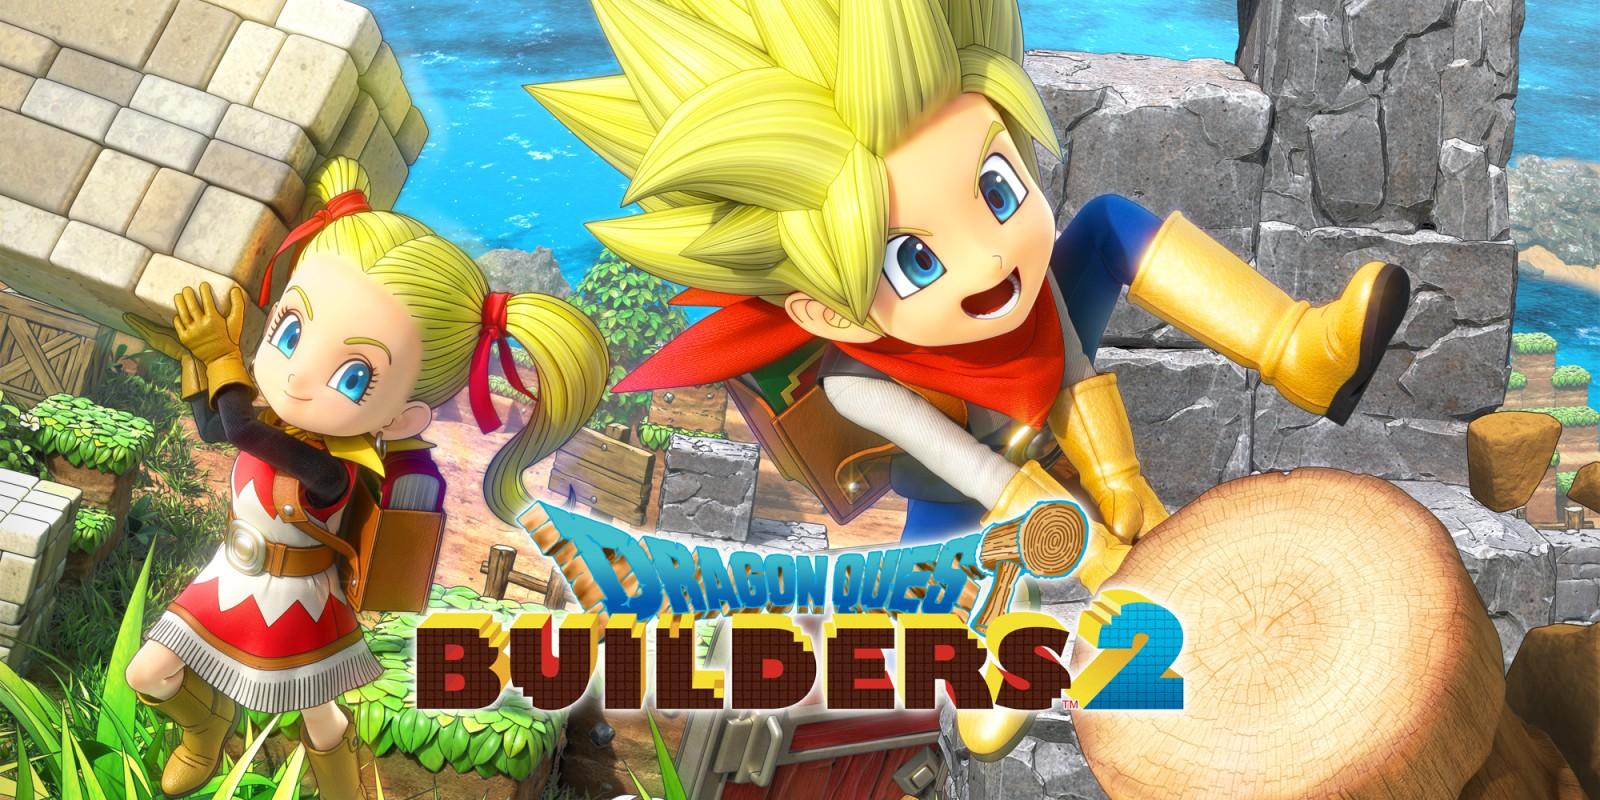 Dragon Quest Builders 2: 1.1 milioni di copie vendute, in arrivo un nuovo aggiornamento